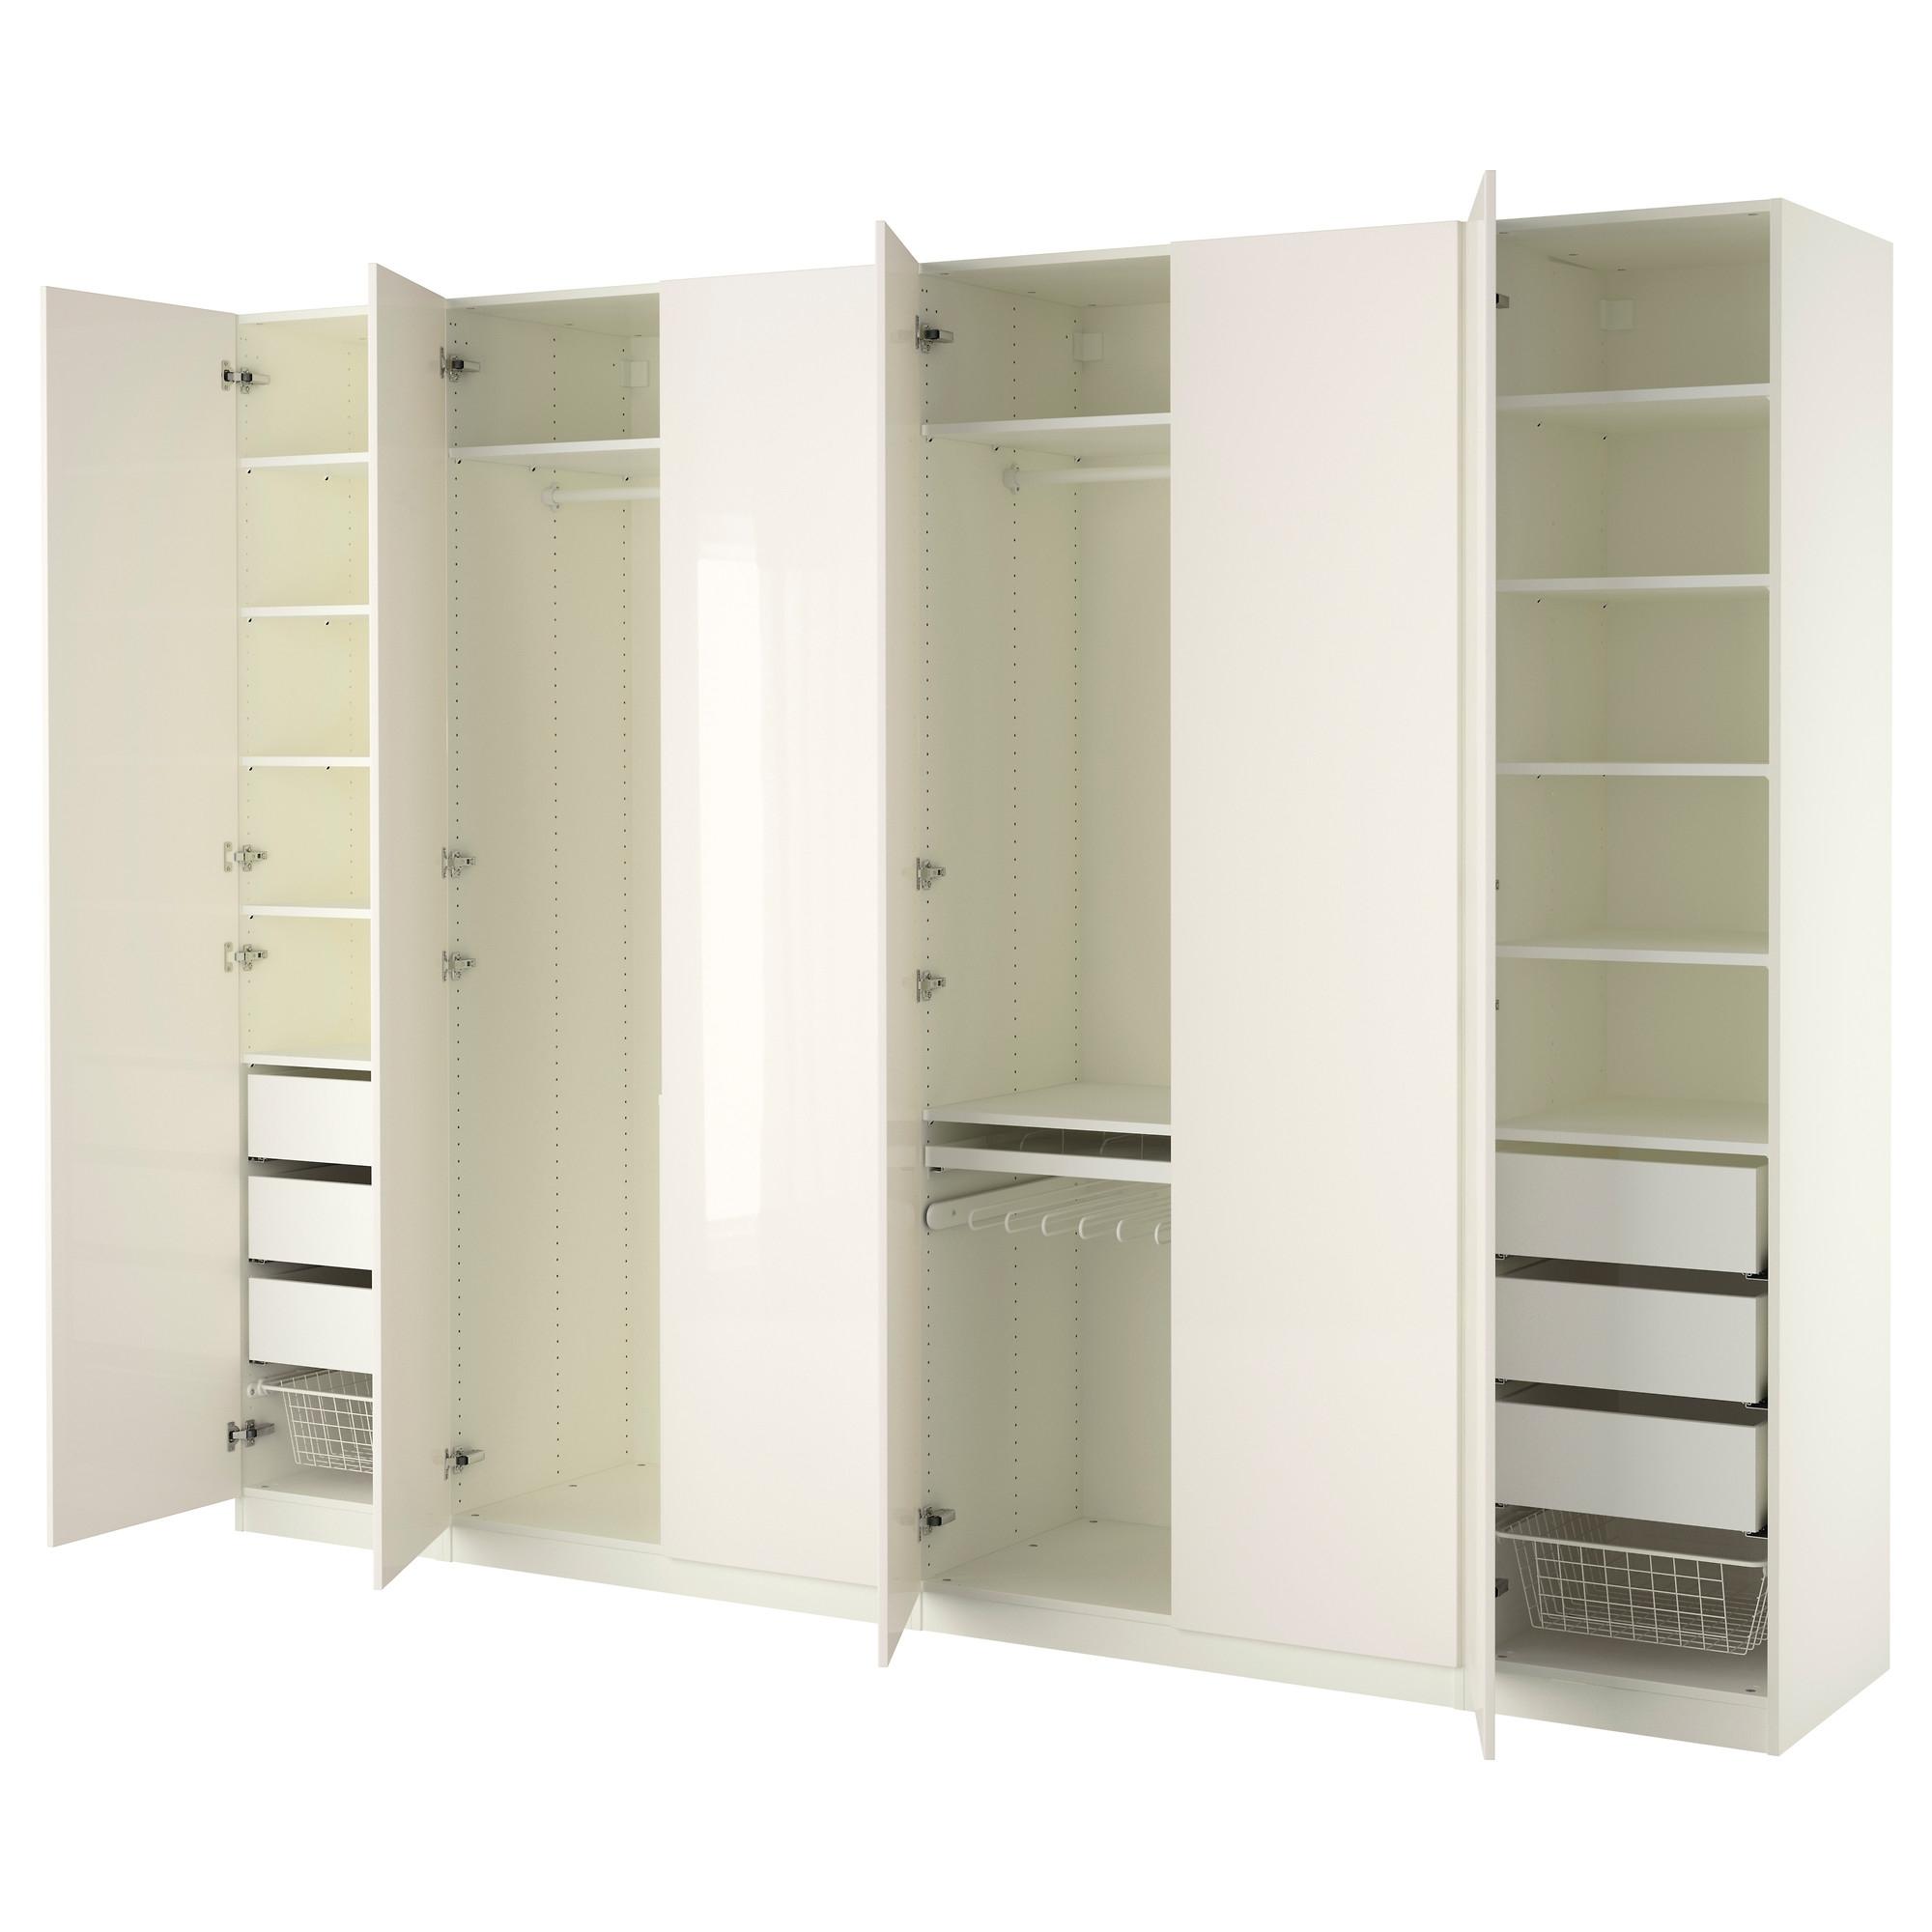 casa de este alojamiento armario 55 cm ancho blanco 80